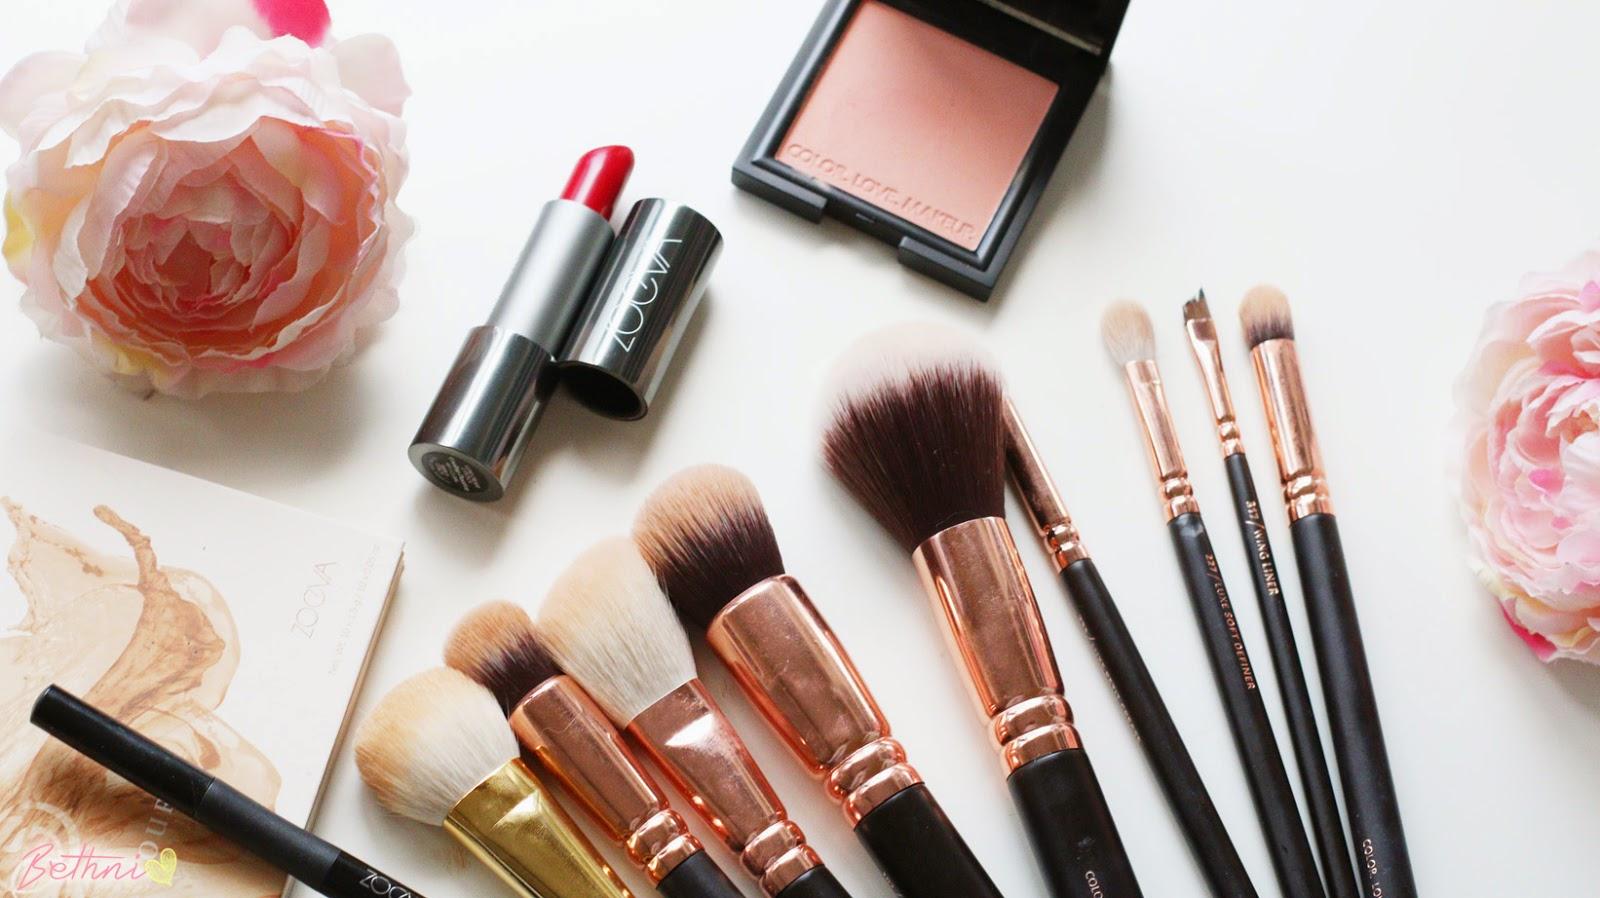 Zoeva cosmetics brand focus review